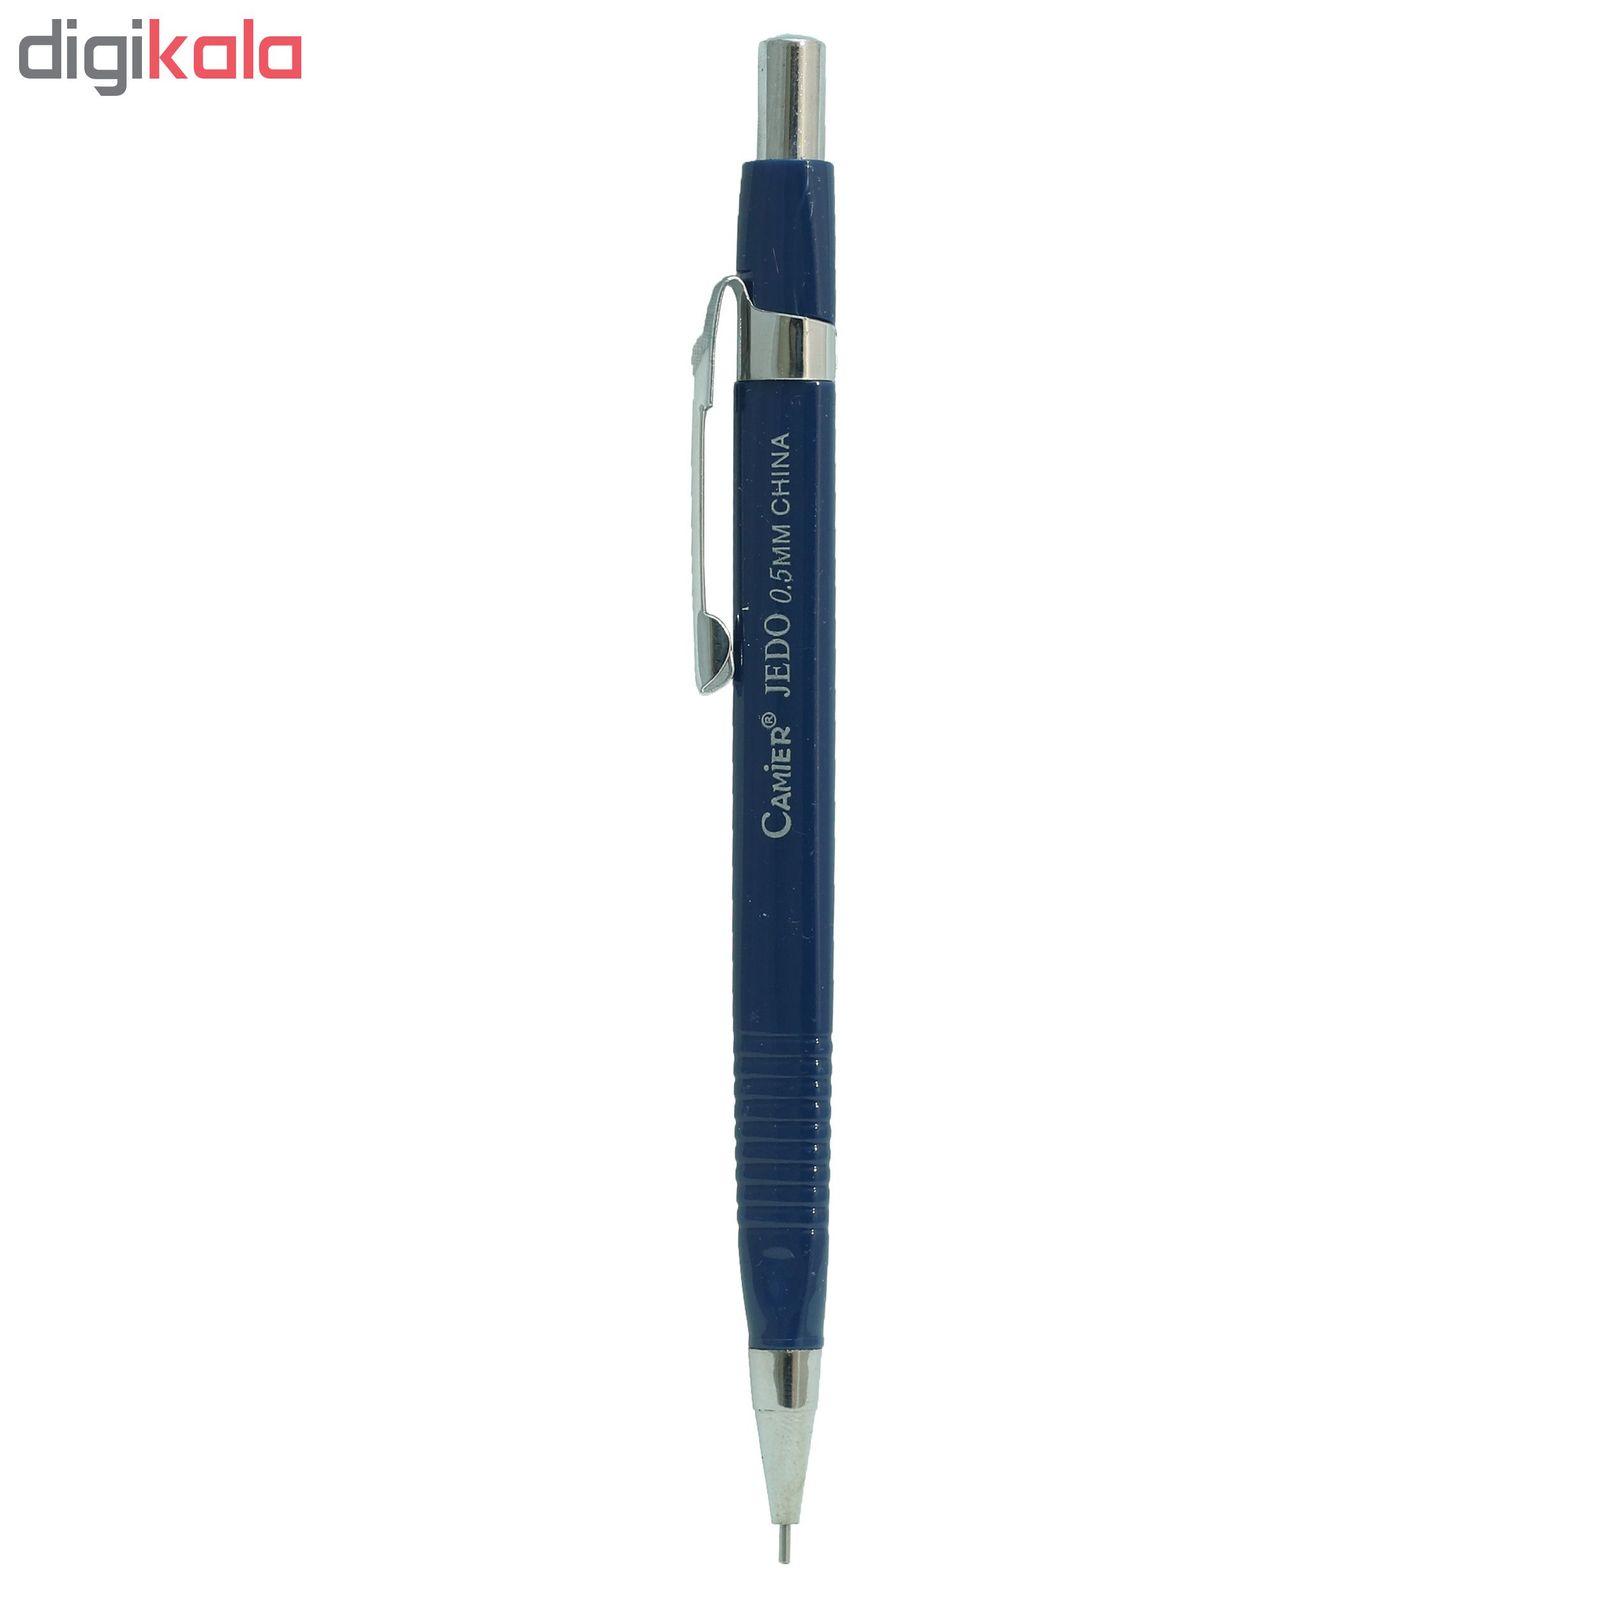 مداد نوکی 0.5 میلی متری جیدو مدل Camier main 1 6